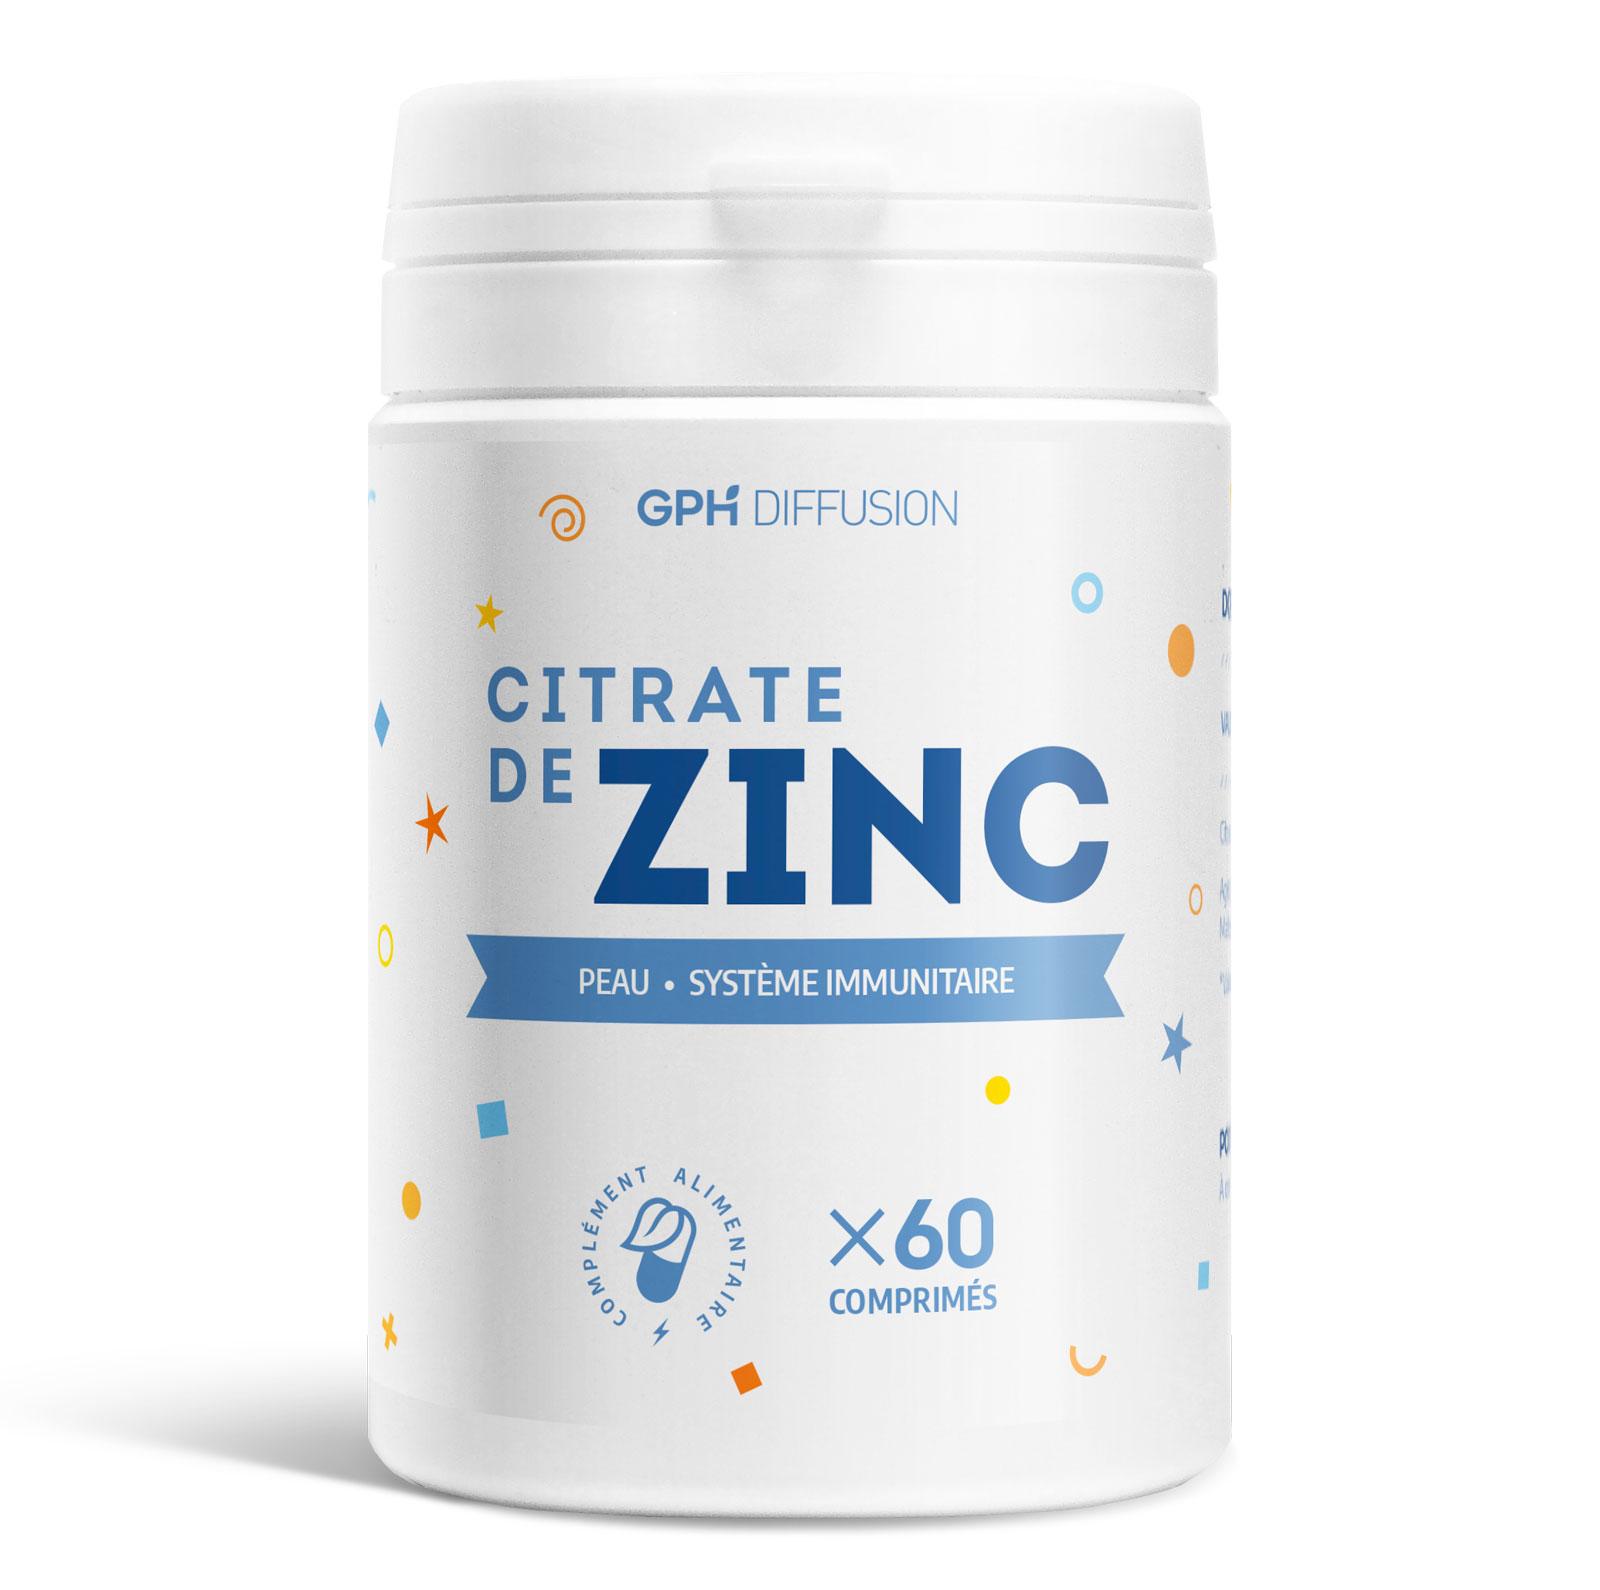 Gph diffusion - Citrate de Zinc - 15 mg - 60 comprimés